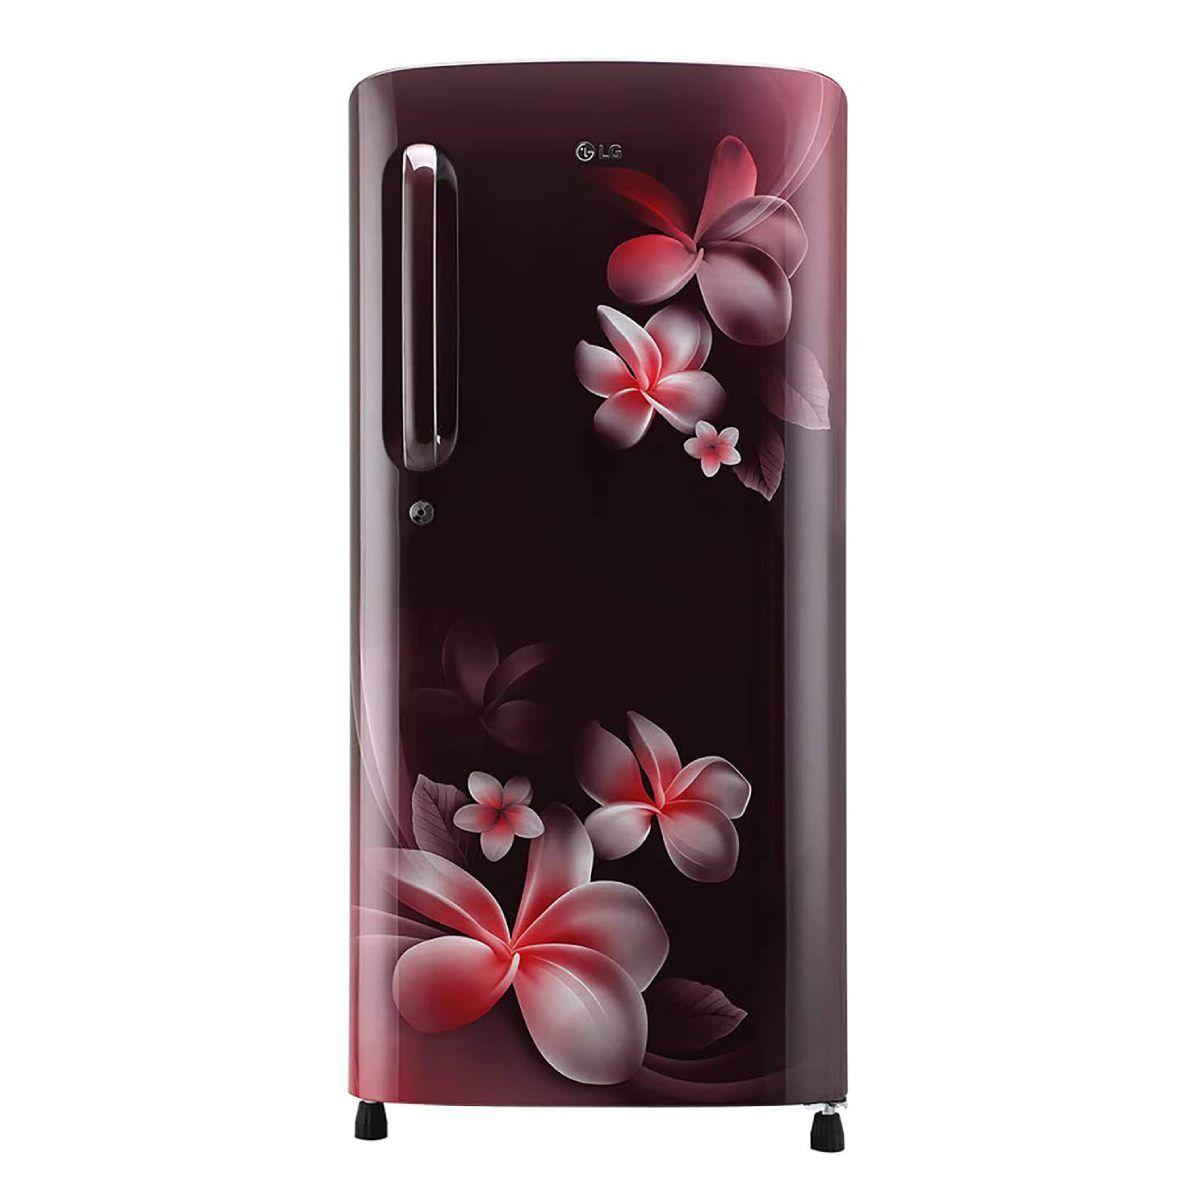 LG 190 L 4 Star Inverter Single Door Refrigerator (GL-B201ASPY)